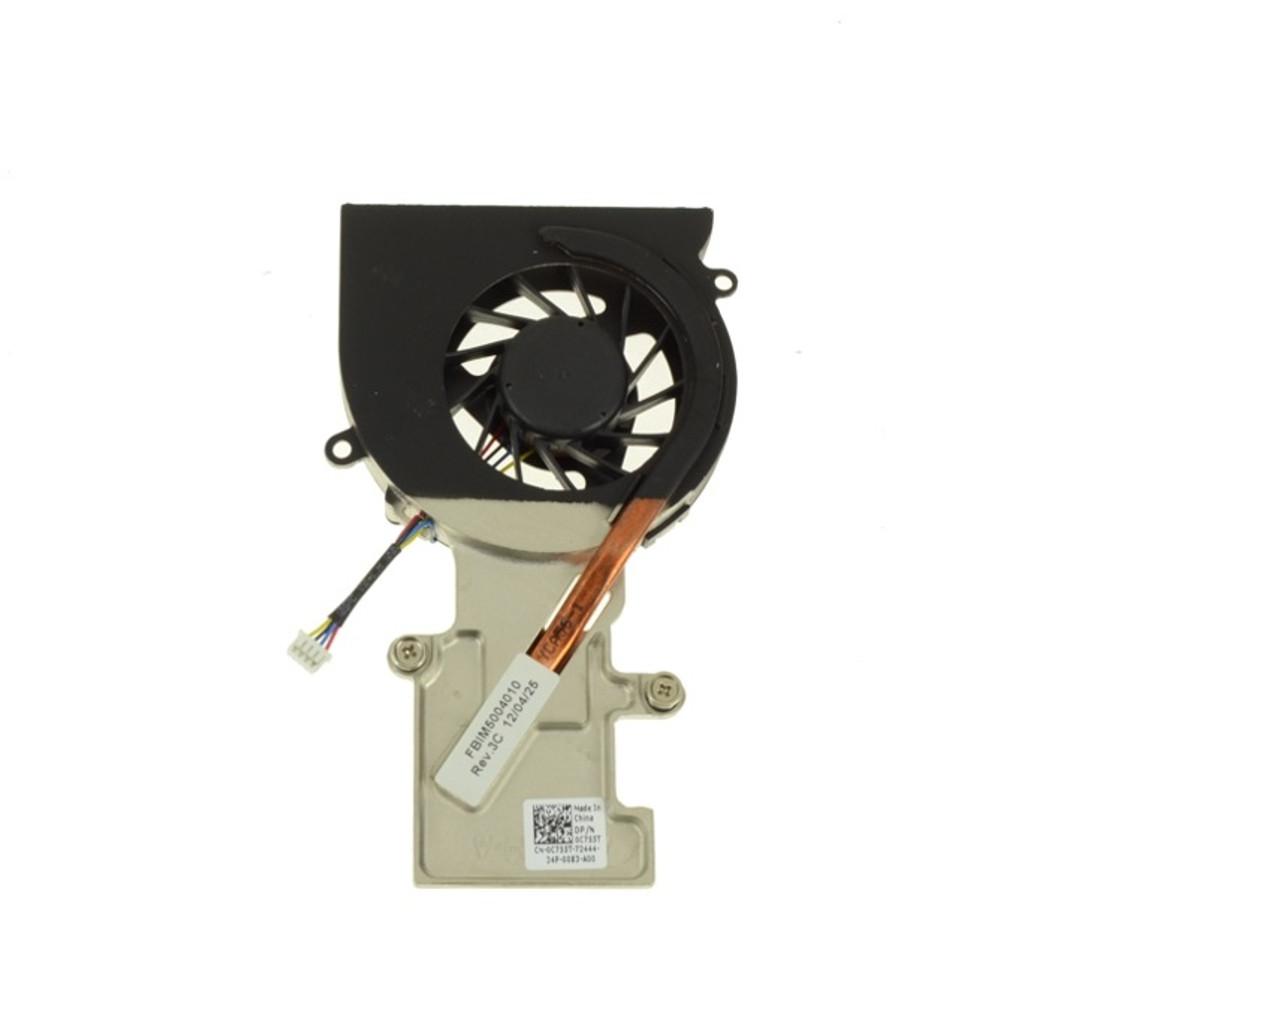 Dell Studio XPS 1340 Heatsink with Fan For Nividia GeForce - C755T